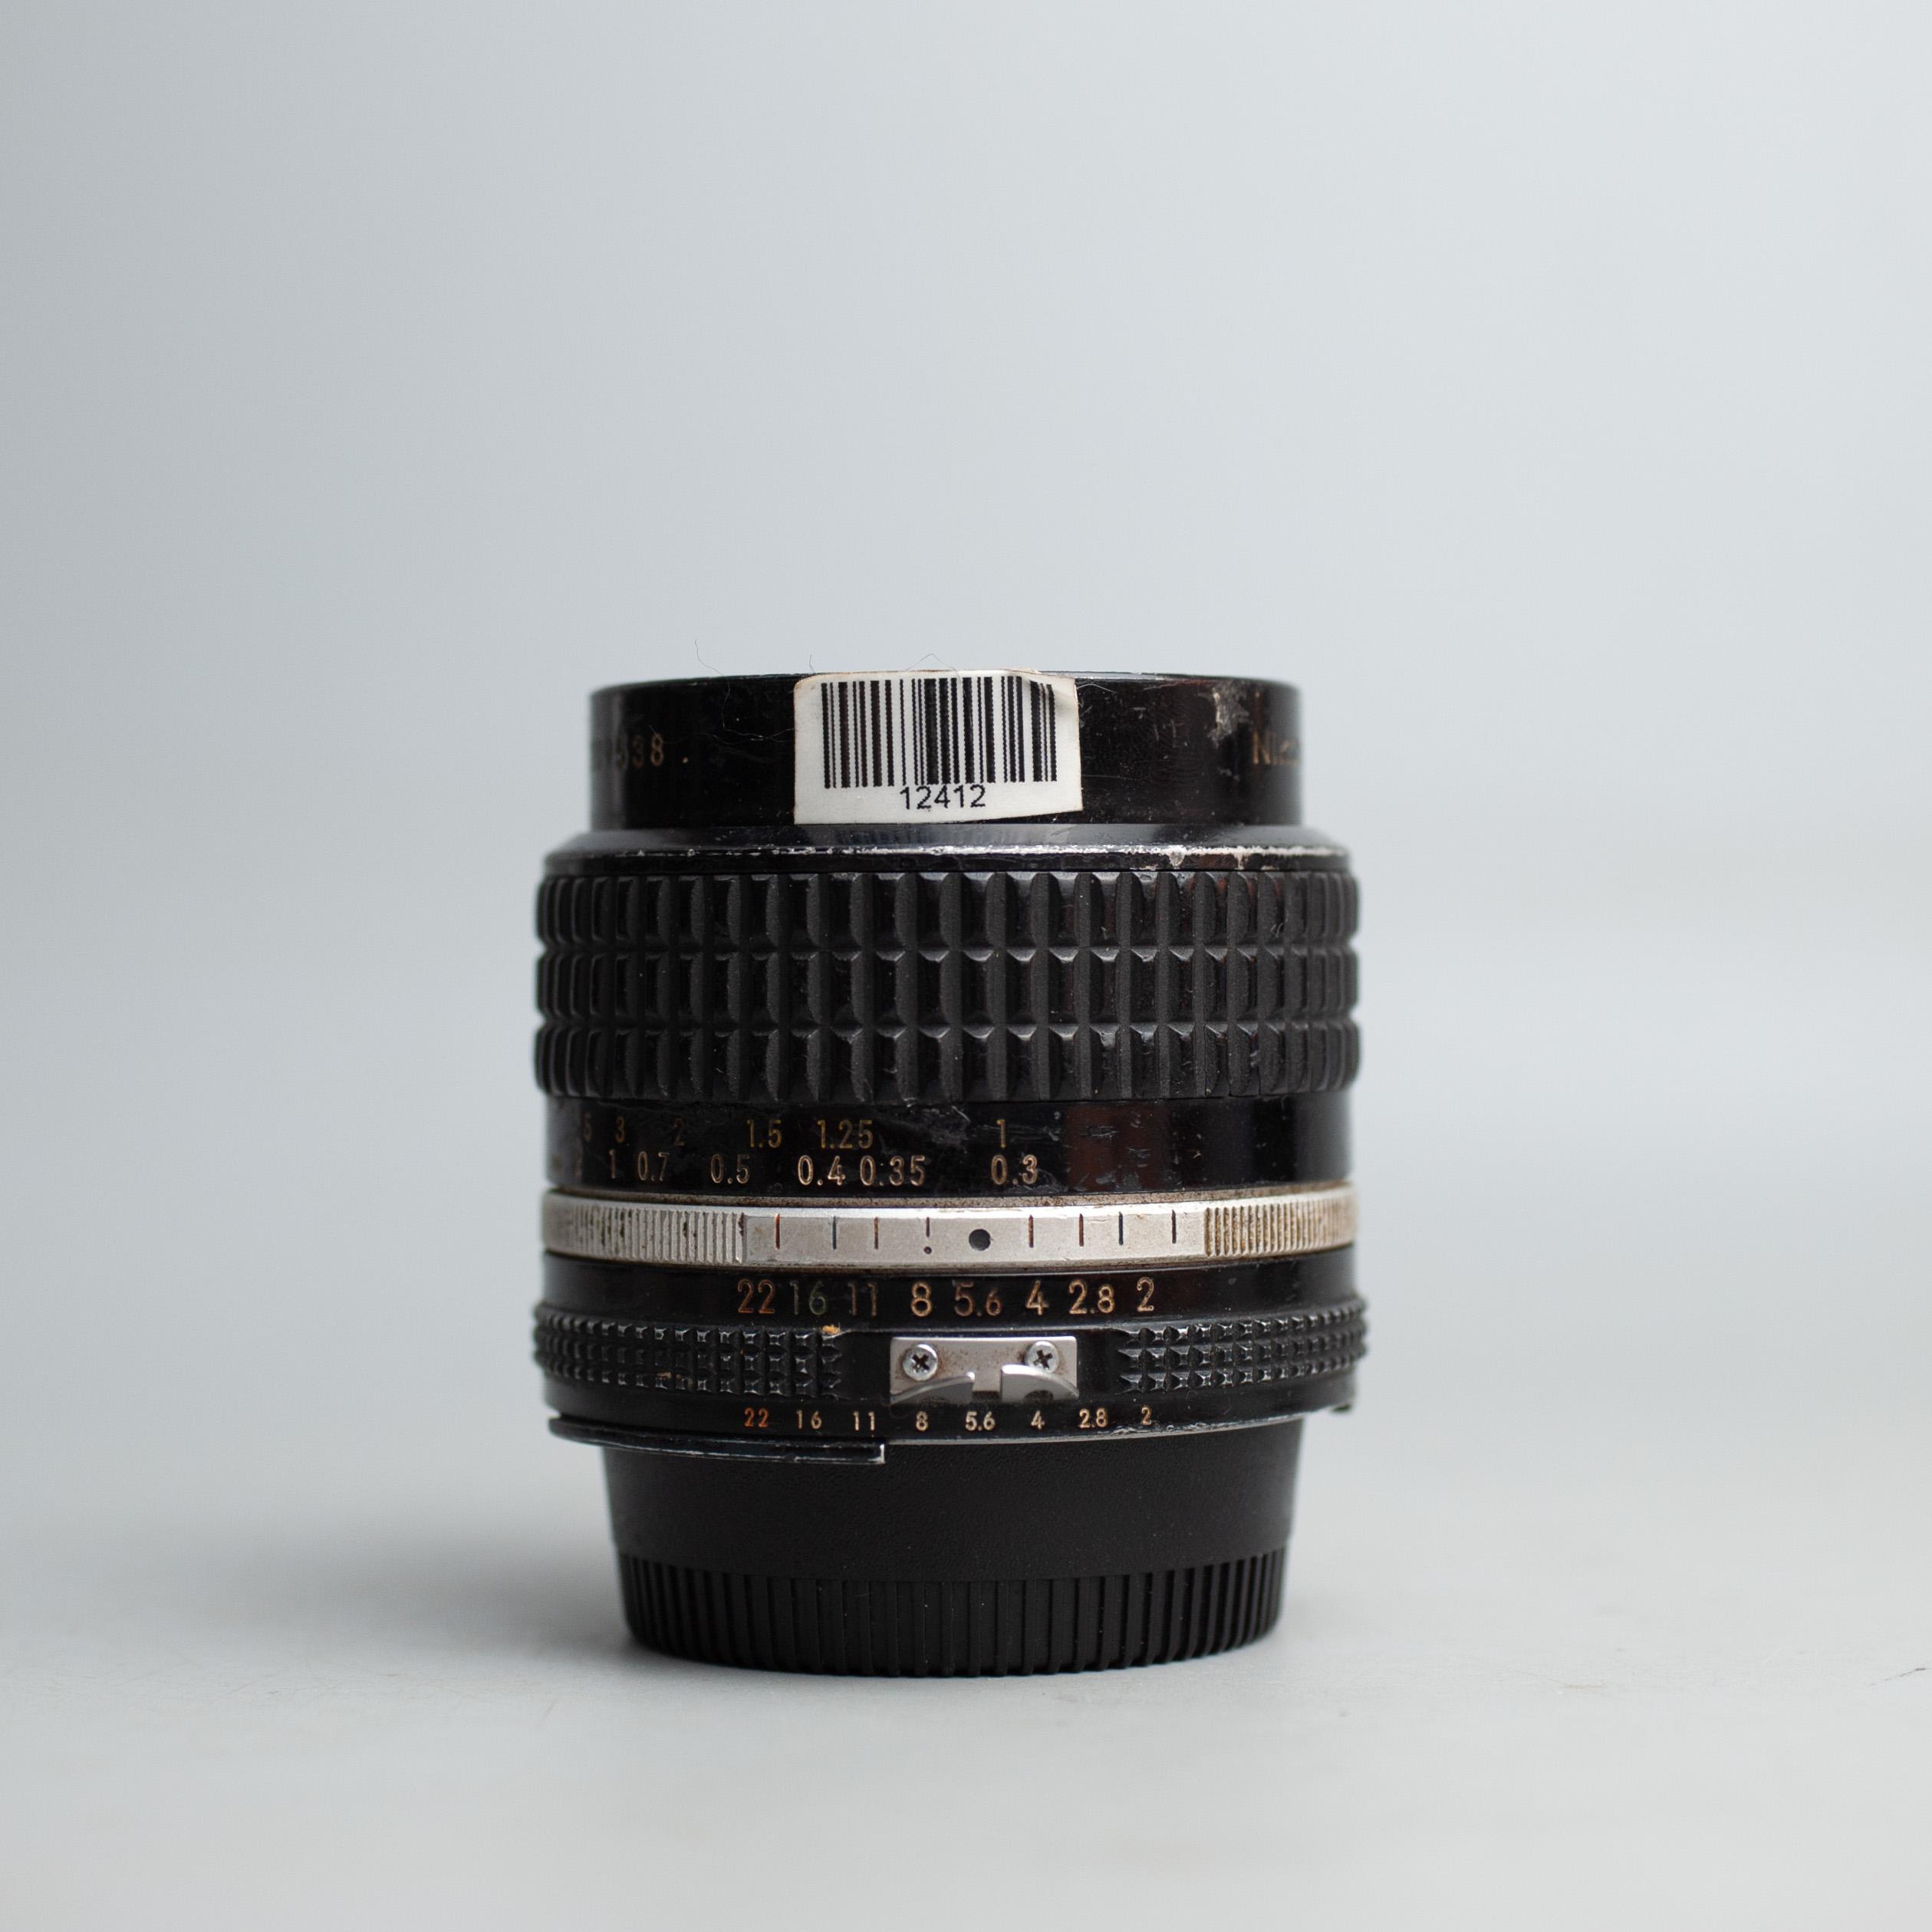 nikon-24mm-f2-0-ais-mf-24-2-0-12412